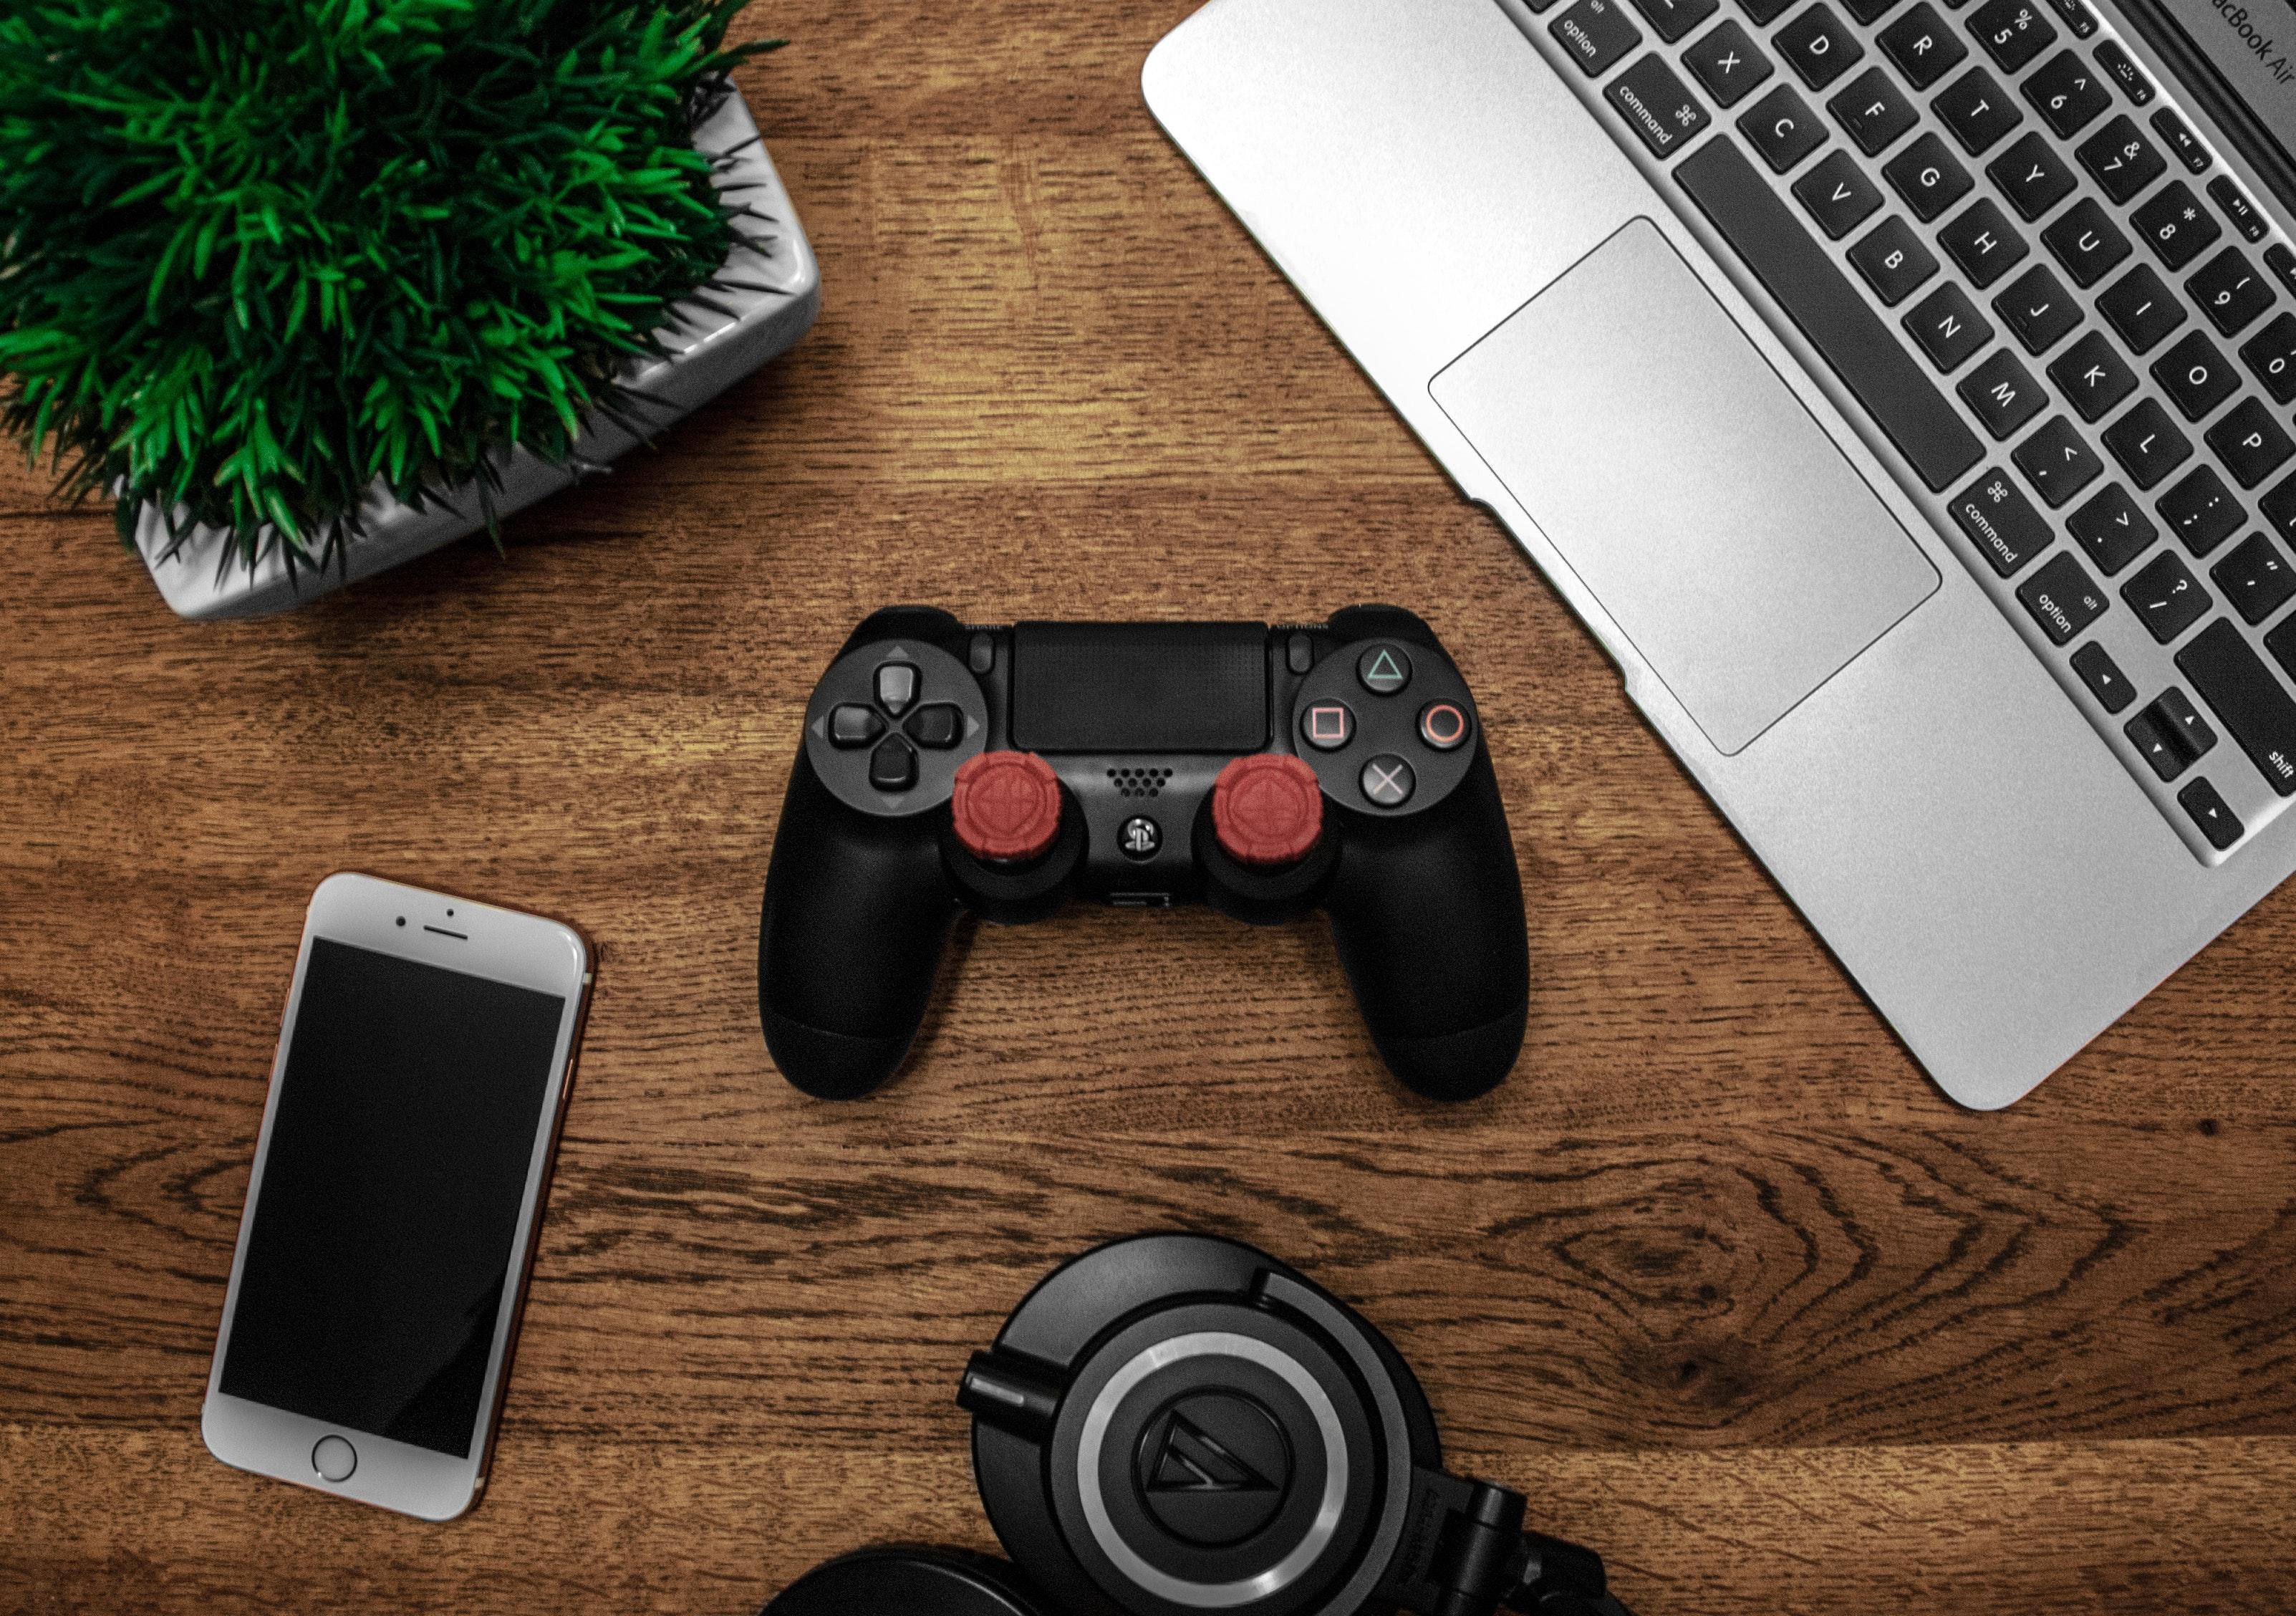 Apple travaillerait sur un service de jeux vidéo en streaming à la sauce Netflix